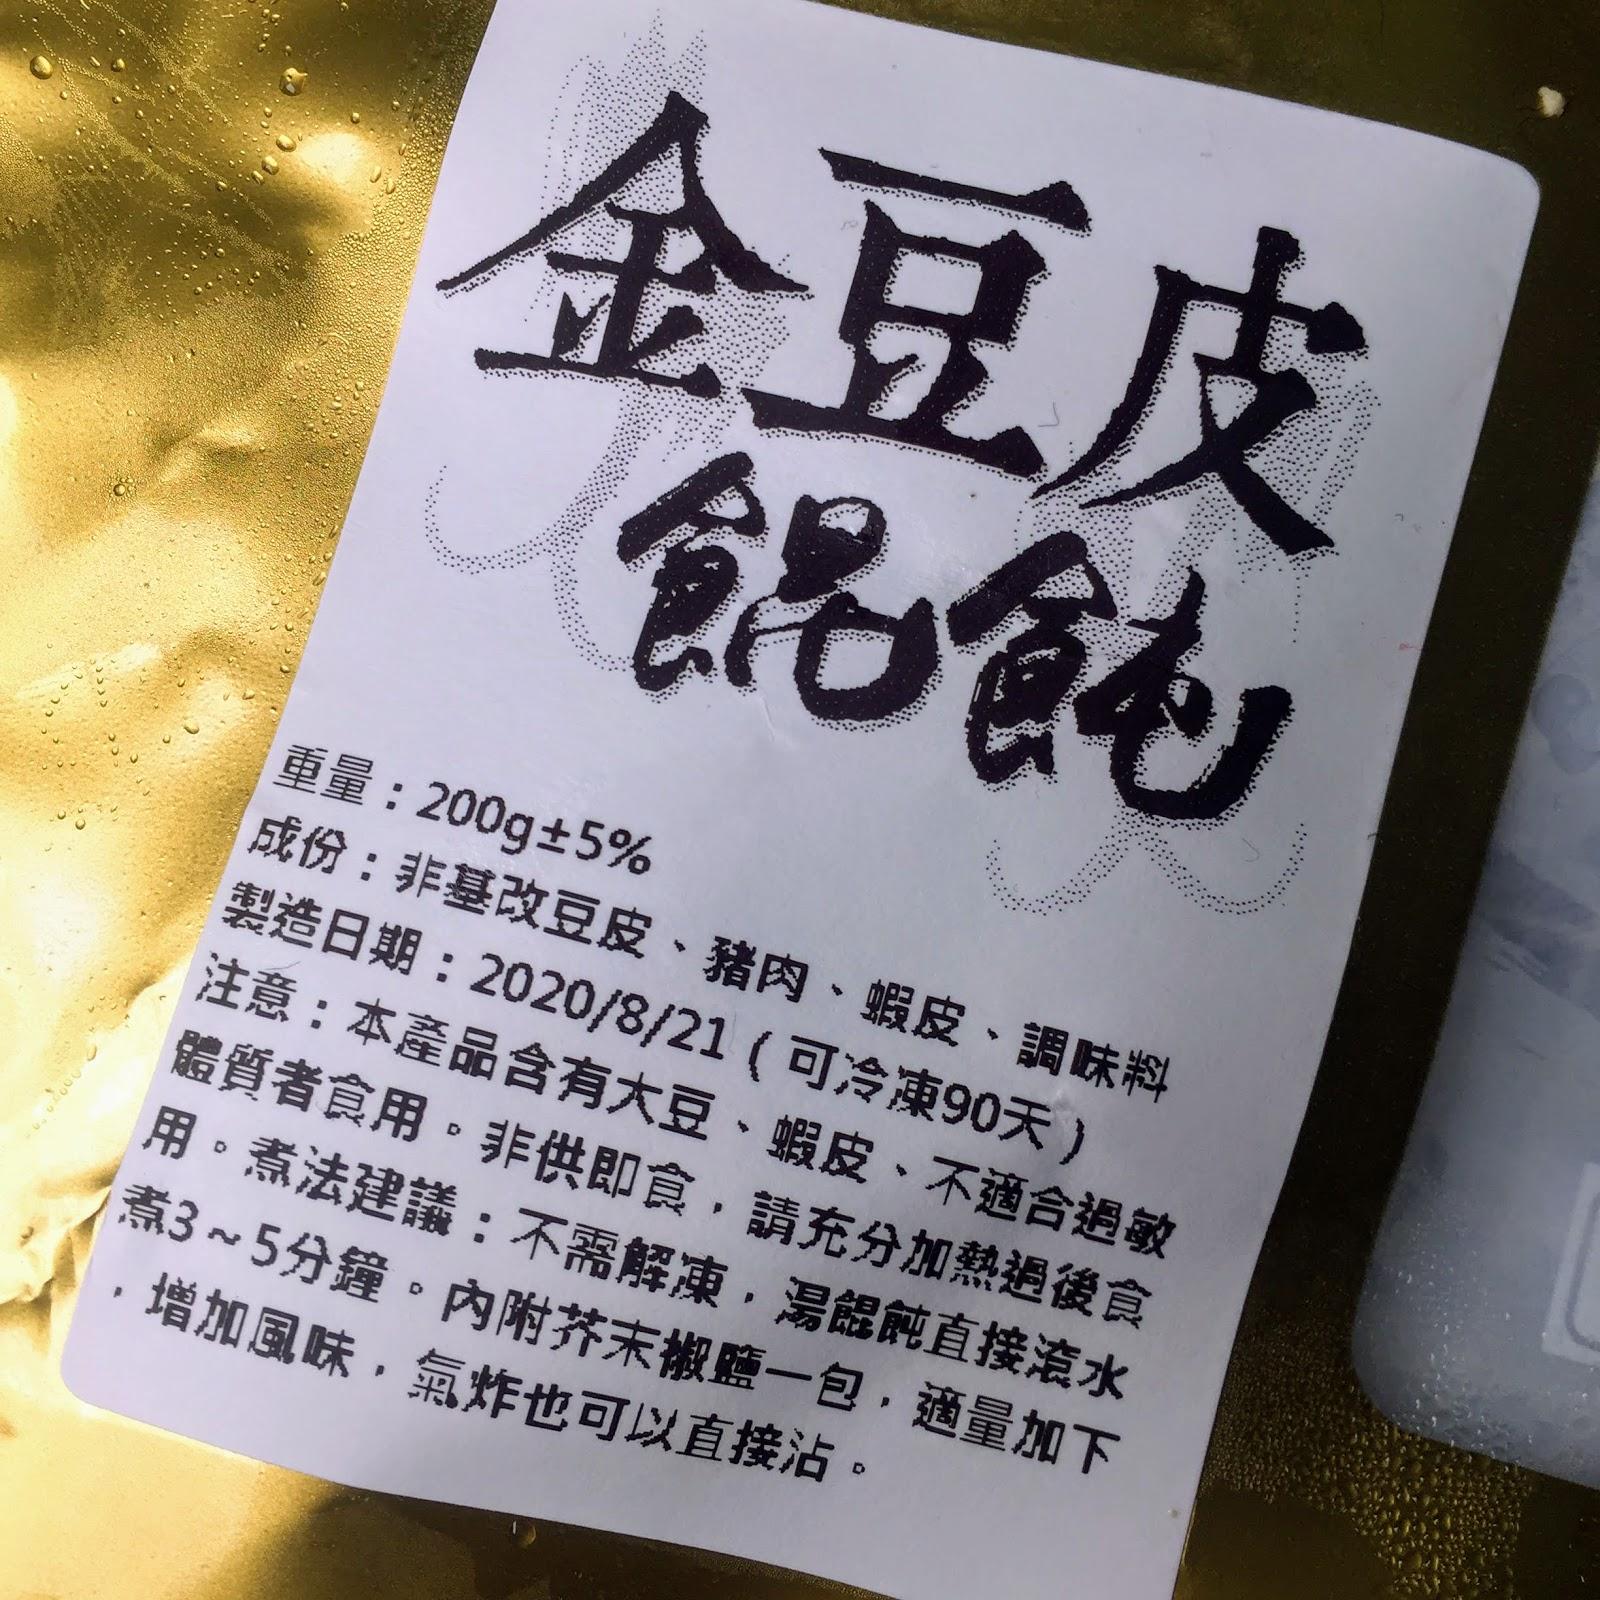 宅配美食│農來寶 │嚴選豆系列,五道豆皮料理低卡安心吃